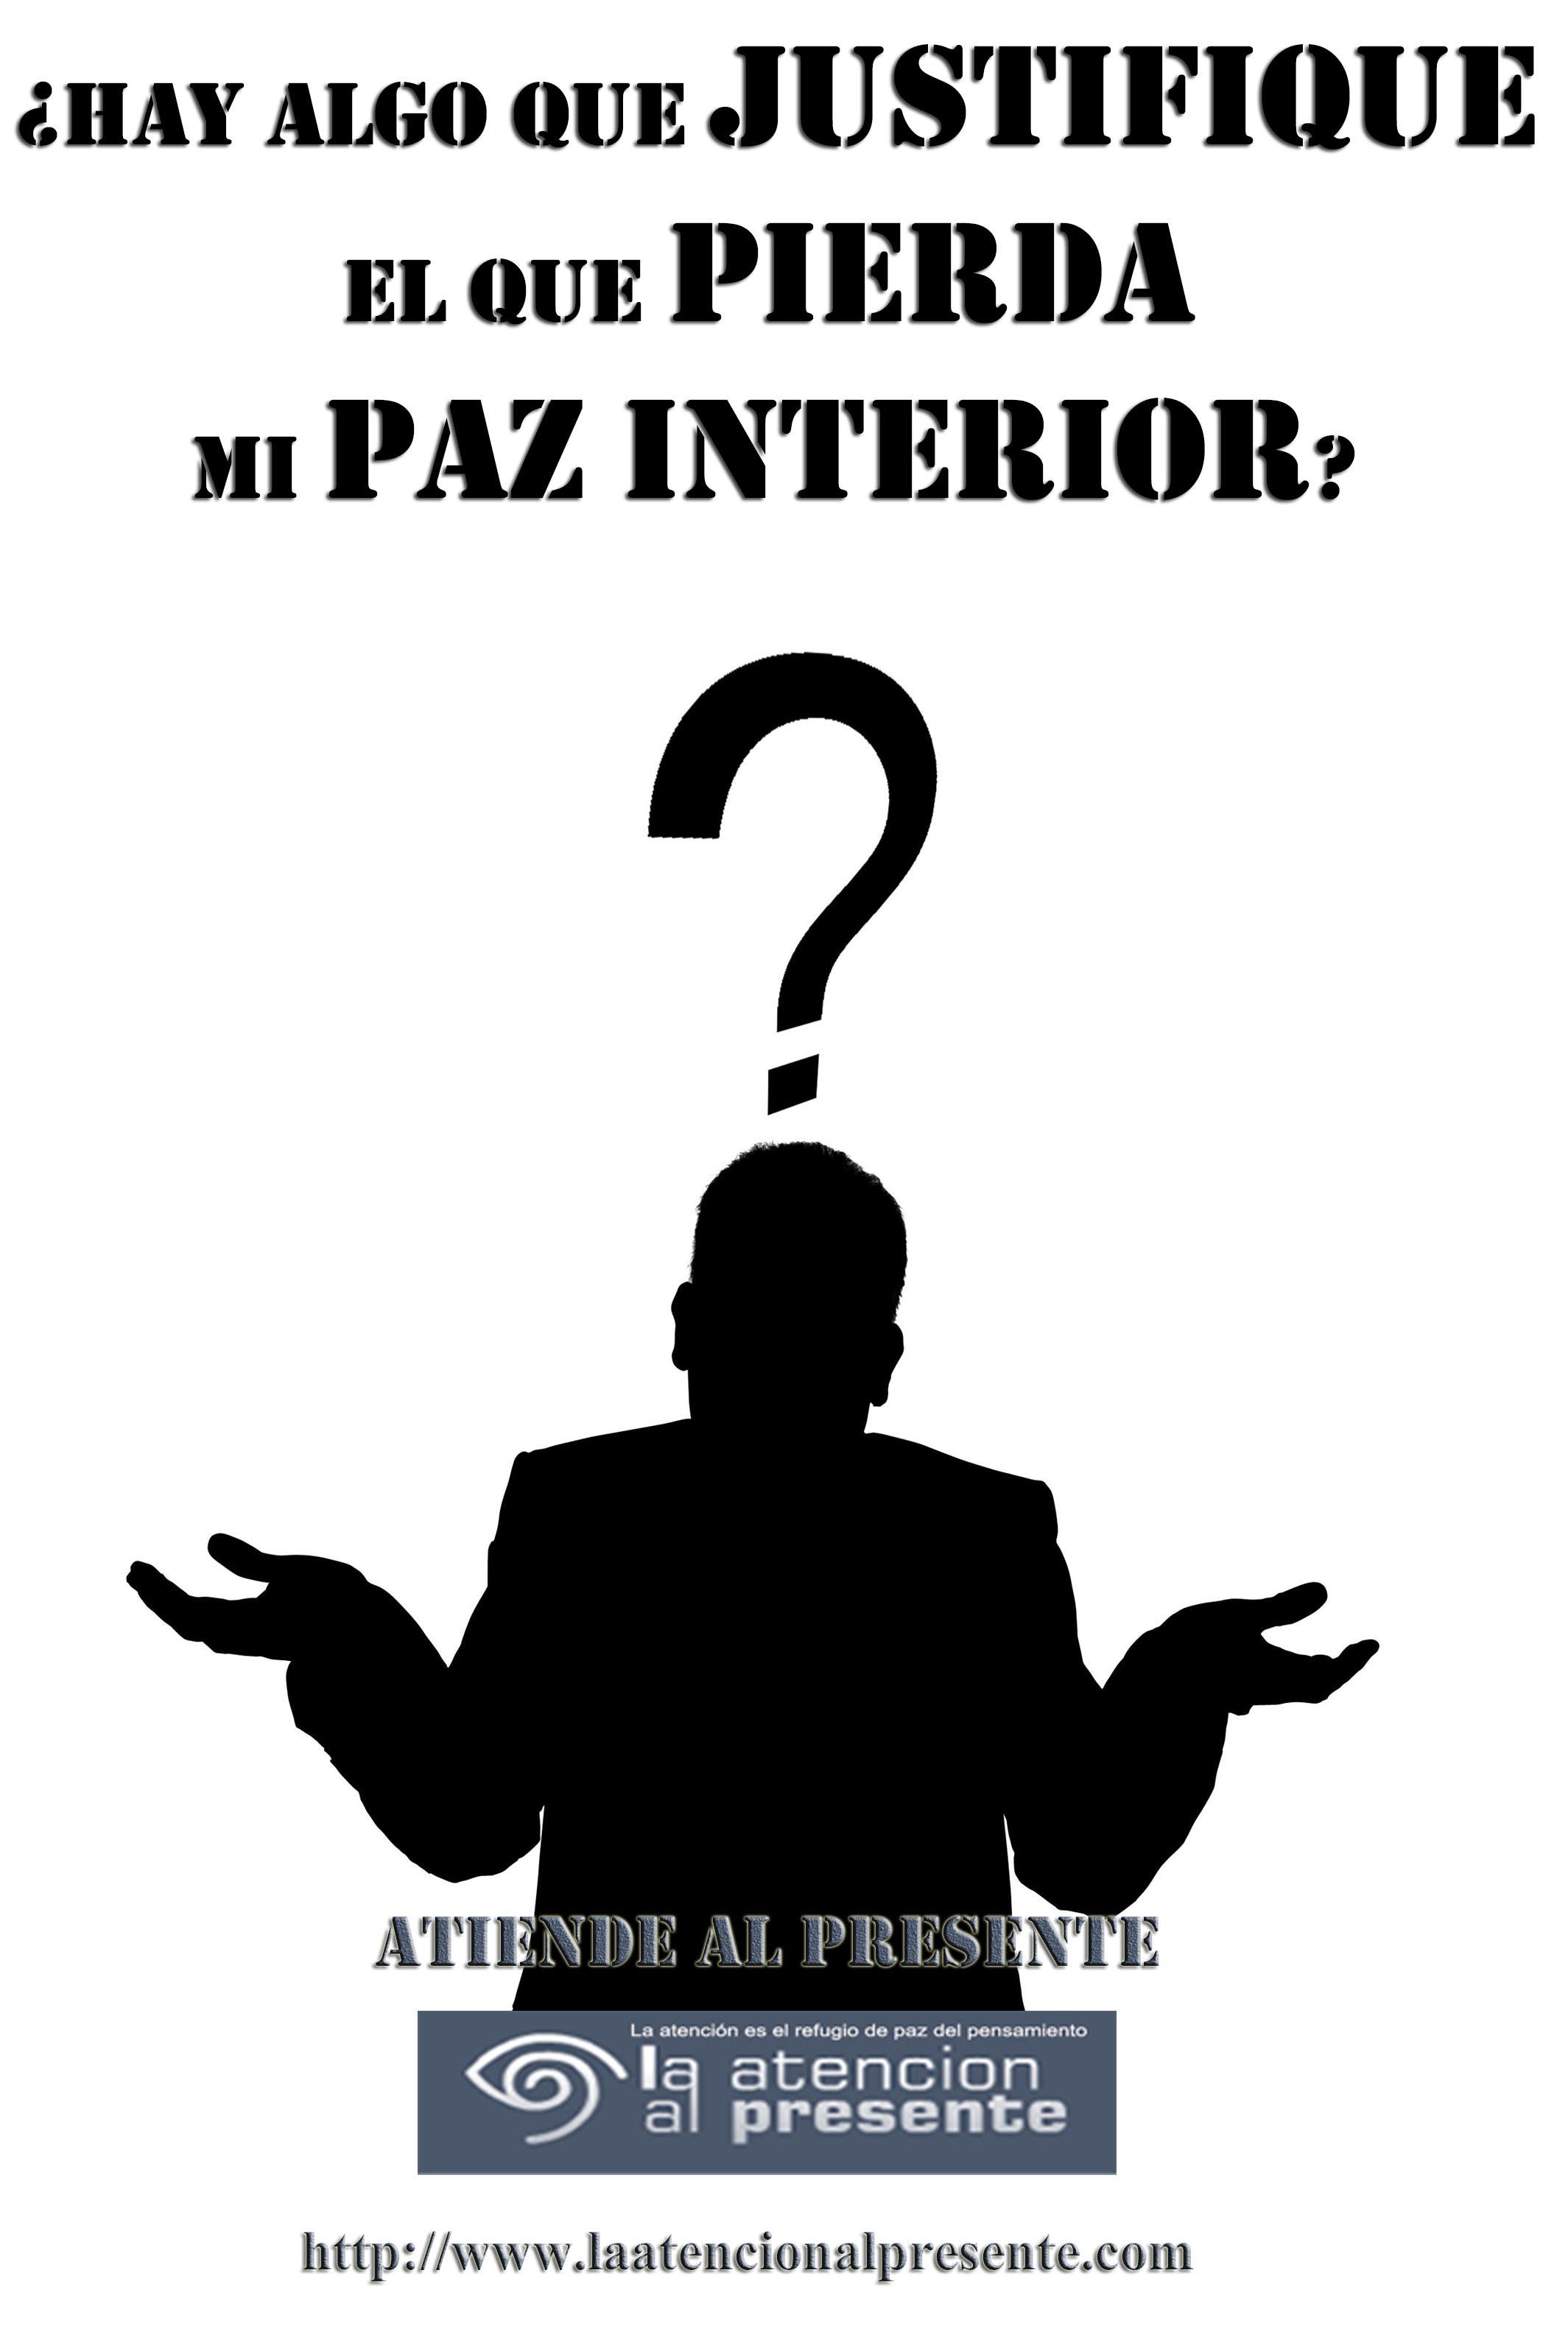 20 de diciembre Pepe Hay algo que justifique el que pierda mi paz interior